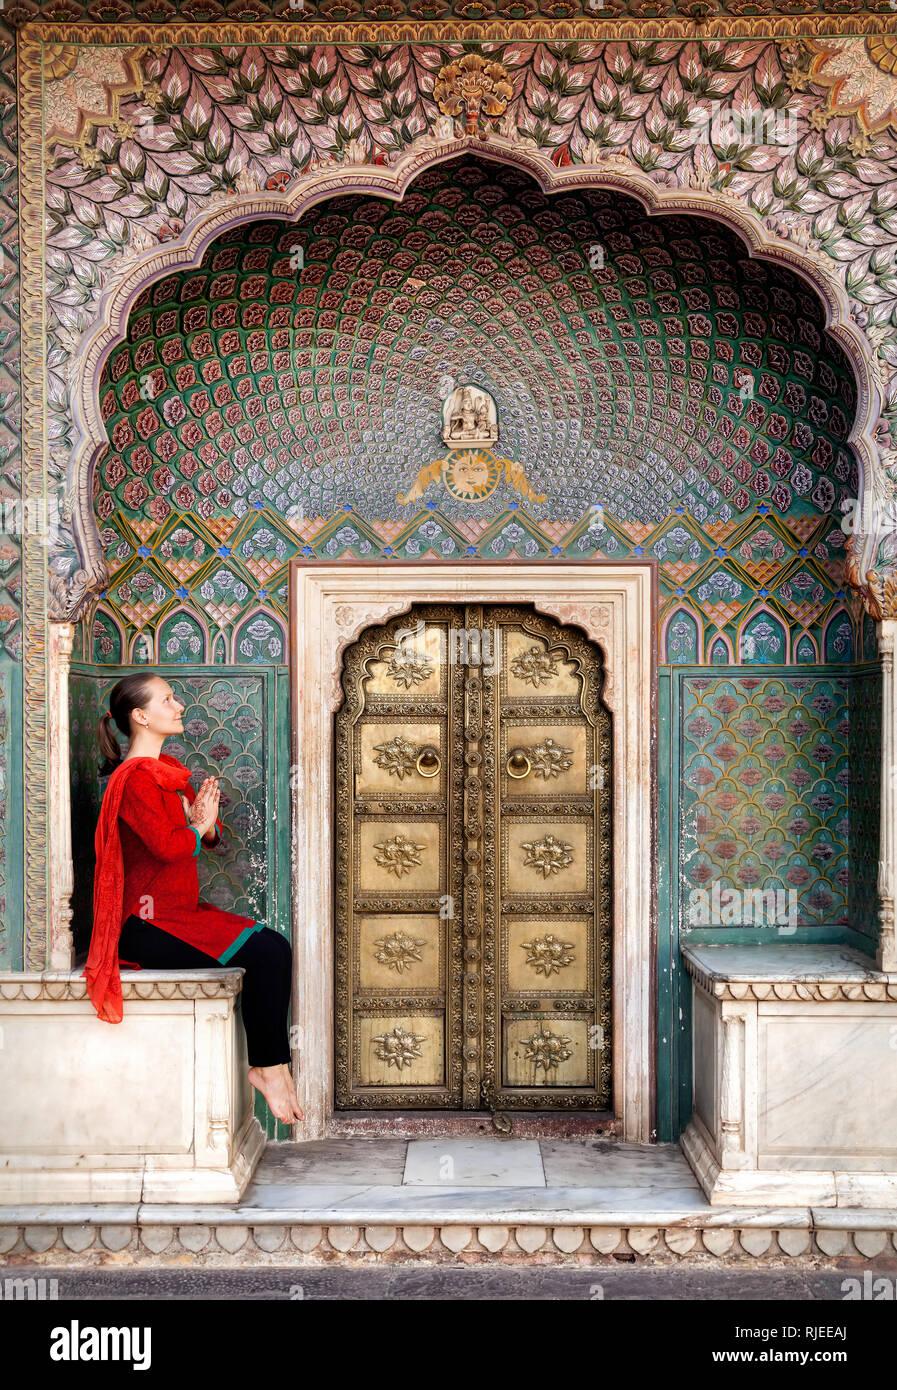 La donna in sciarpa rossa seduta vicino Lotus gate nel palazzo di città di Jaipur, Rajasthan, India Immagini Stock